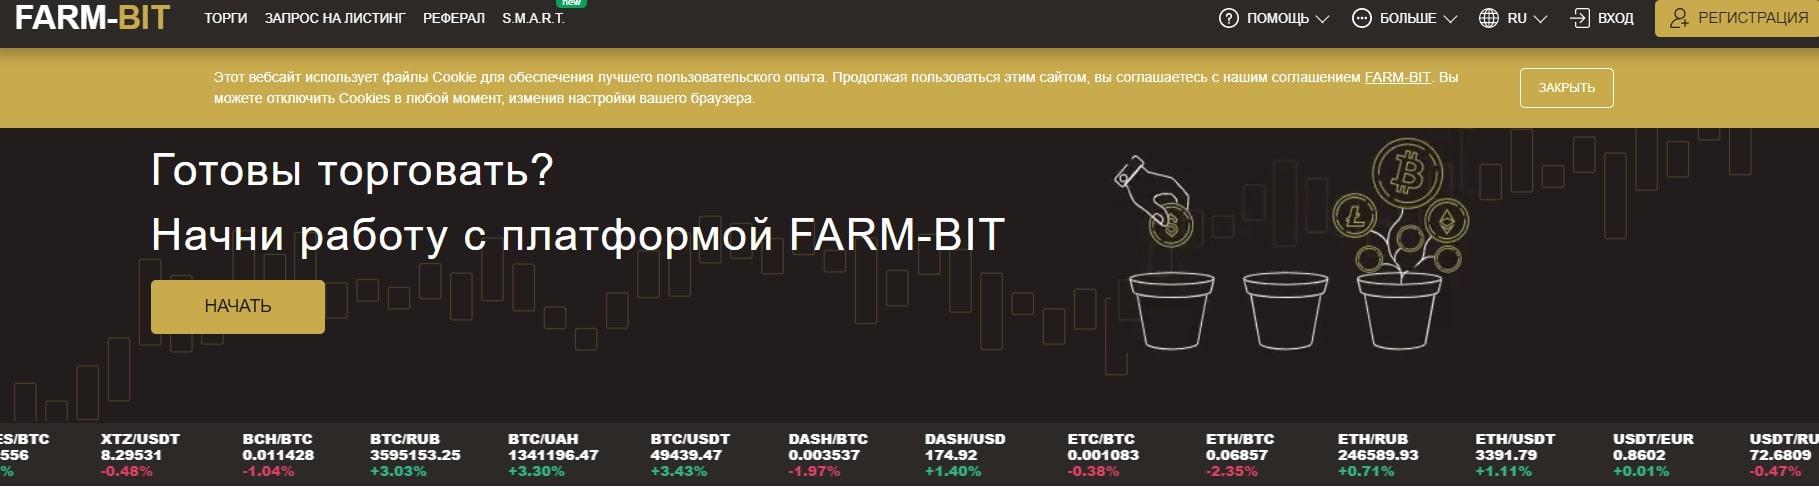 FARM-BIT: отзывы реальных трейдеров о криптобирже и анализ условий реальные отзывы